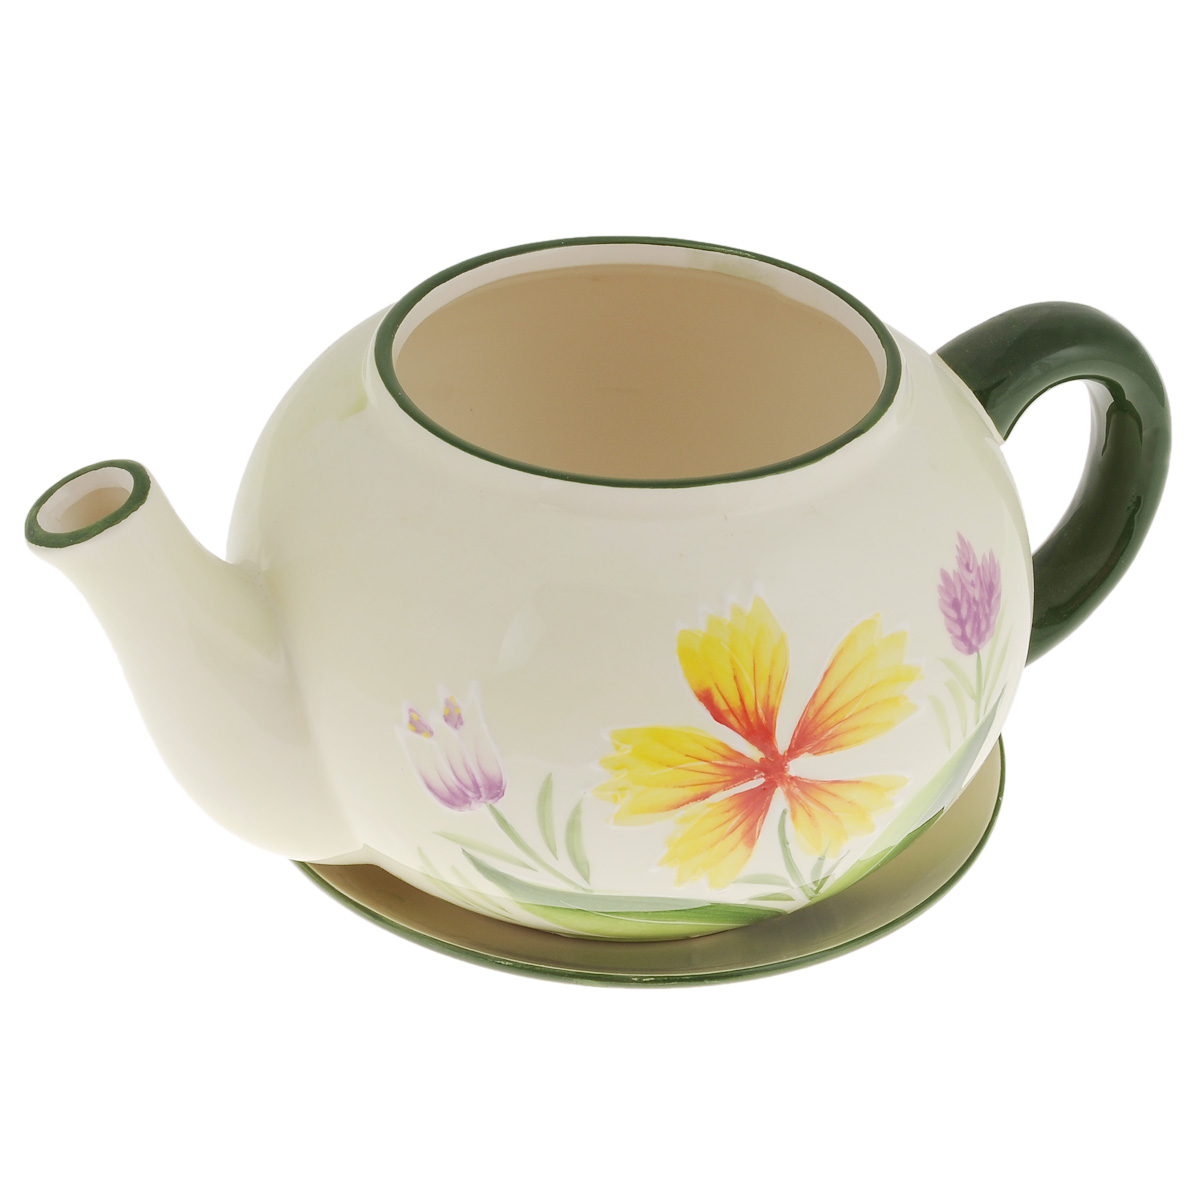 Кашпо Lillo Заварочный чайник, с поддоном. XY10S015-1BKOC_SOL373Кашпо-горшок для цветов Lillo Заварочный чайник выполнен из прочной керамики и декорирован красочным рисунком. Изделие предназначено для цветов.Такие изделия часто становятся последним штрихом, который совершенно изменяет интерьер помещения или ландшафтный дизайн сада. Благодаря такому кашпо вы сможете украсить вашу комнату, офис, сад и другие места. Изделие оснащено специальным поддоном - блюдцем.Диаметр кашпо по верхнему краю: 12 см.Высота кашпо (без учета поддона): 14 см.Диаметр поддона: 20,5 см.